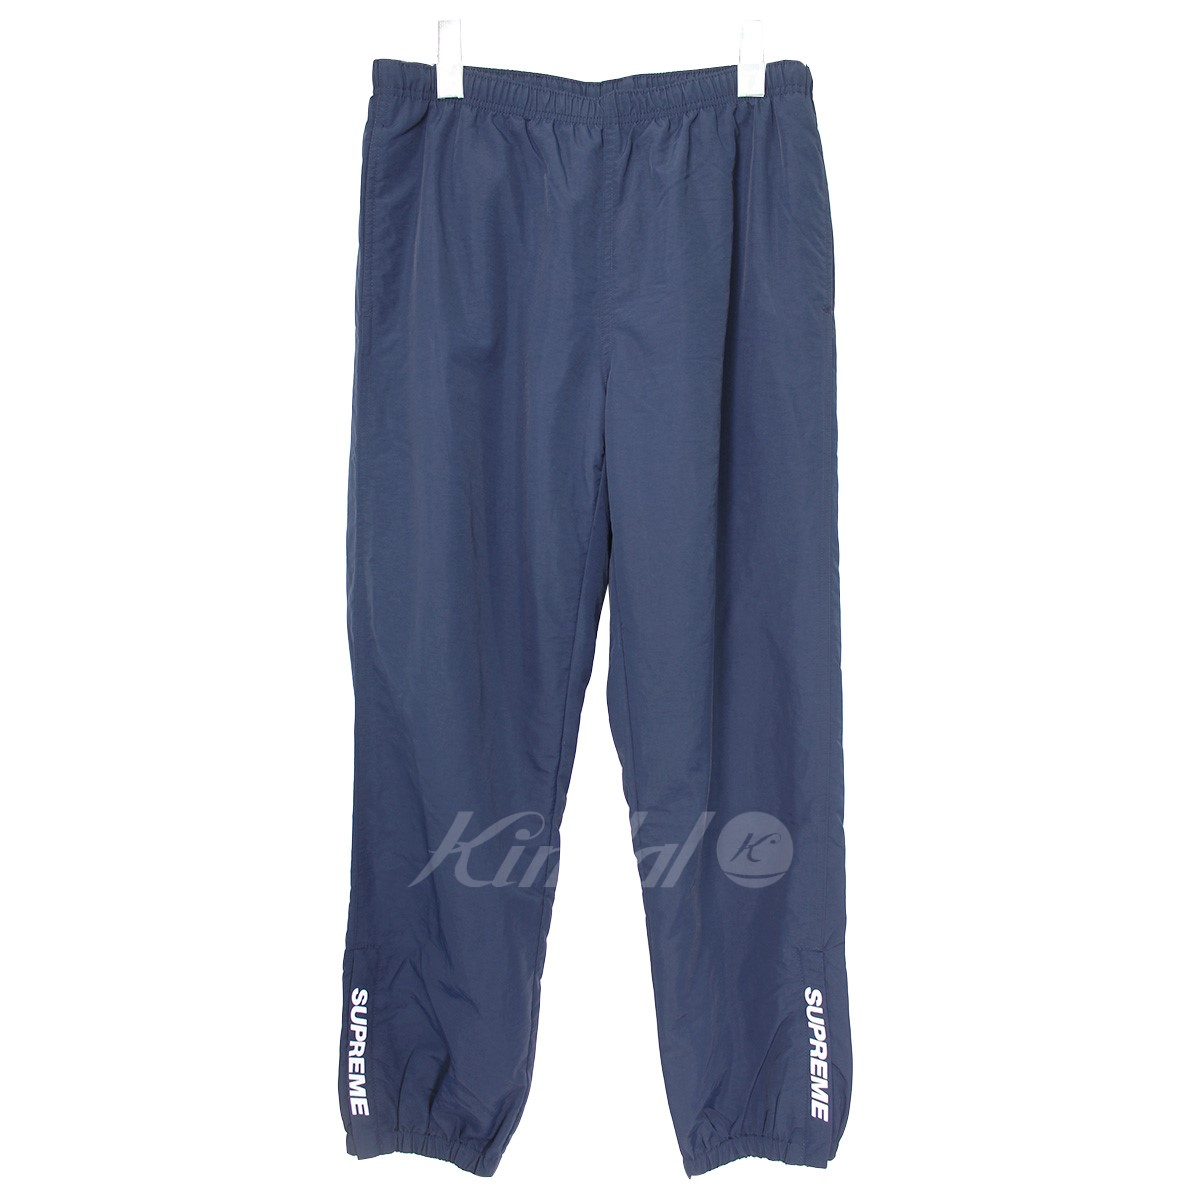 【中古】SUPREME 18AW Warm Up Pant ロゴナイロンイージーウォームアップパンツ ネイビー サイズ:S 【送料無料】 【151118】(シュプリーム)